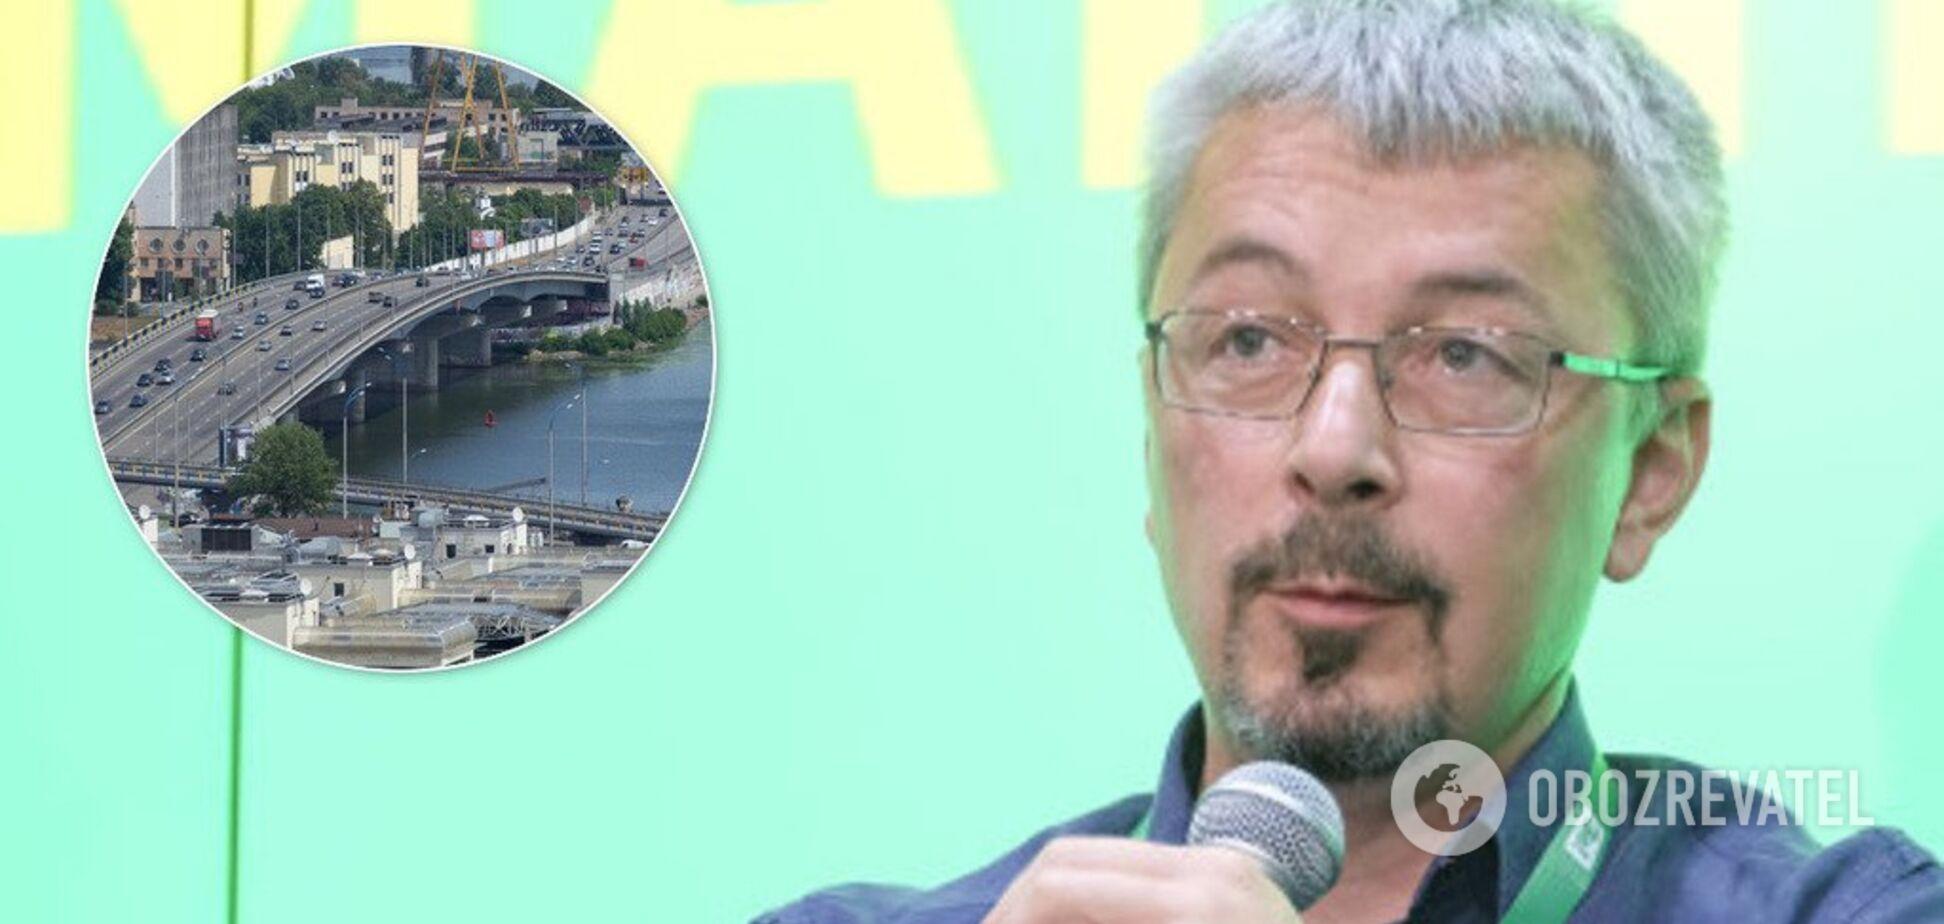 Ткаченко предложил серьезные изменения в бюджет Киева: в чем суть